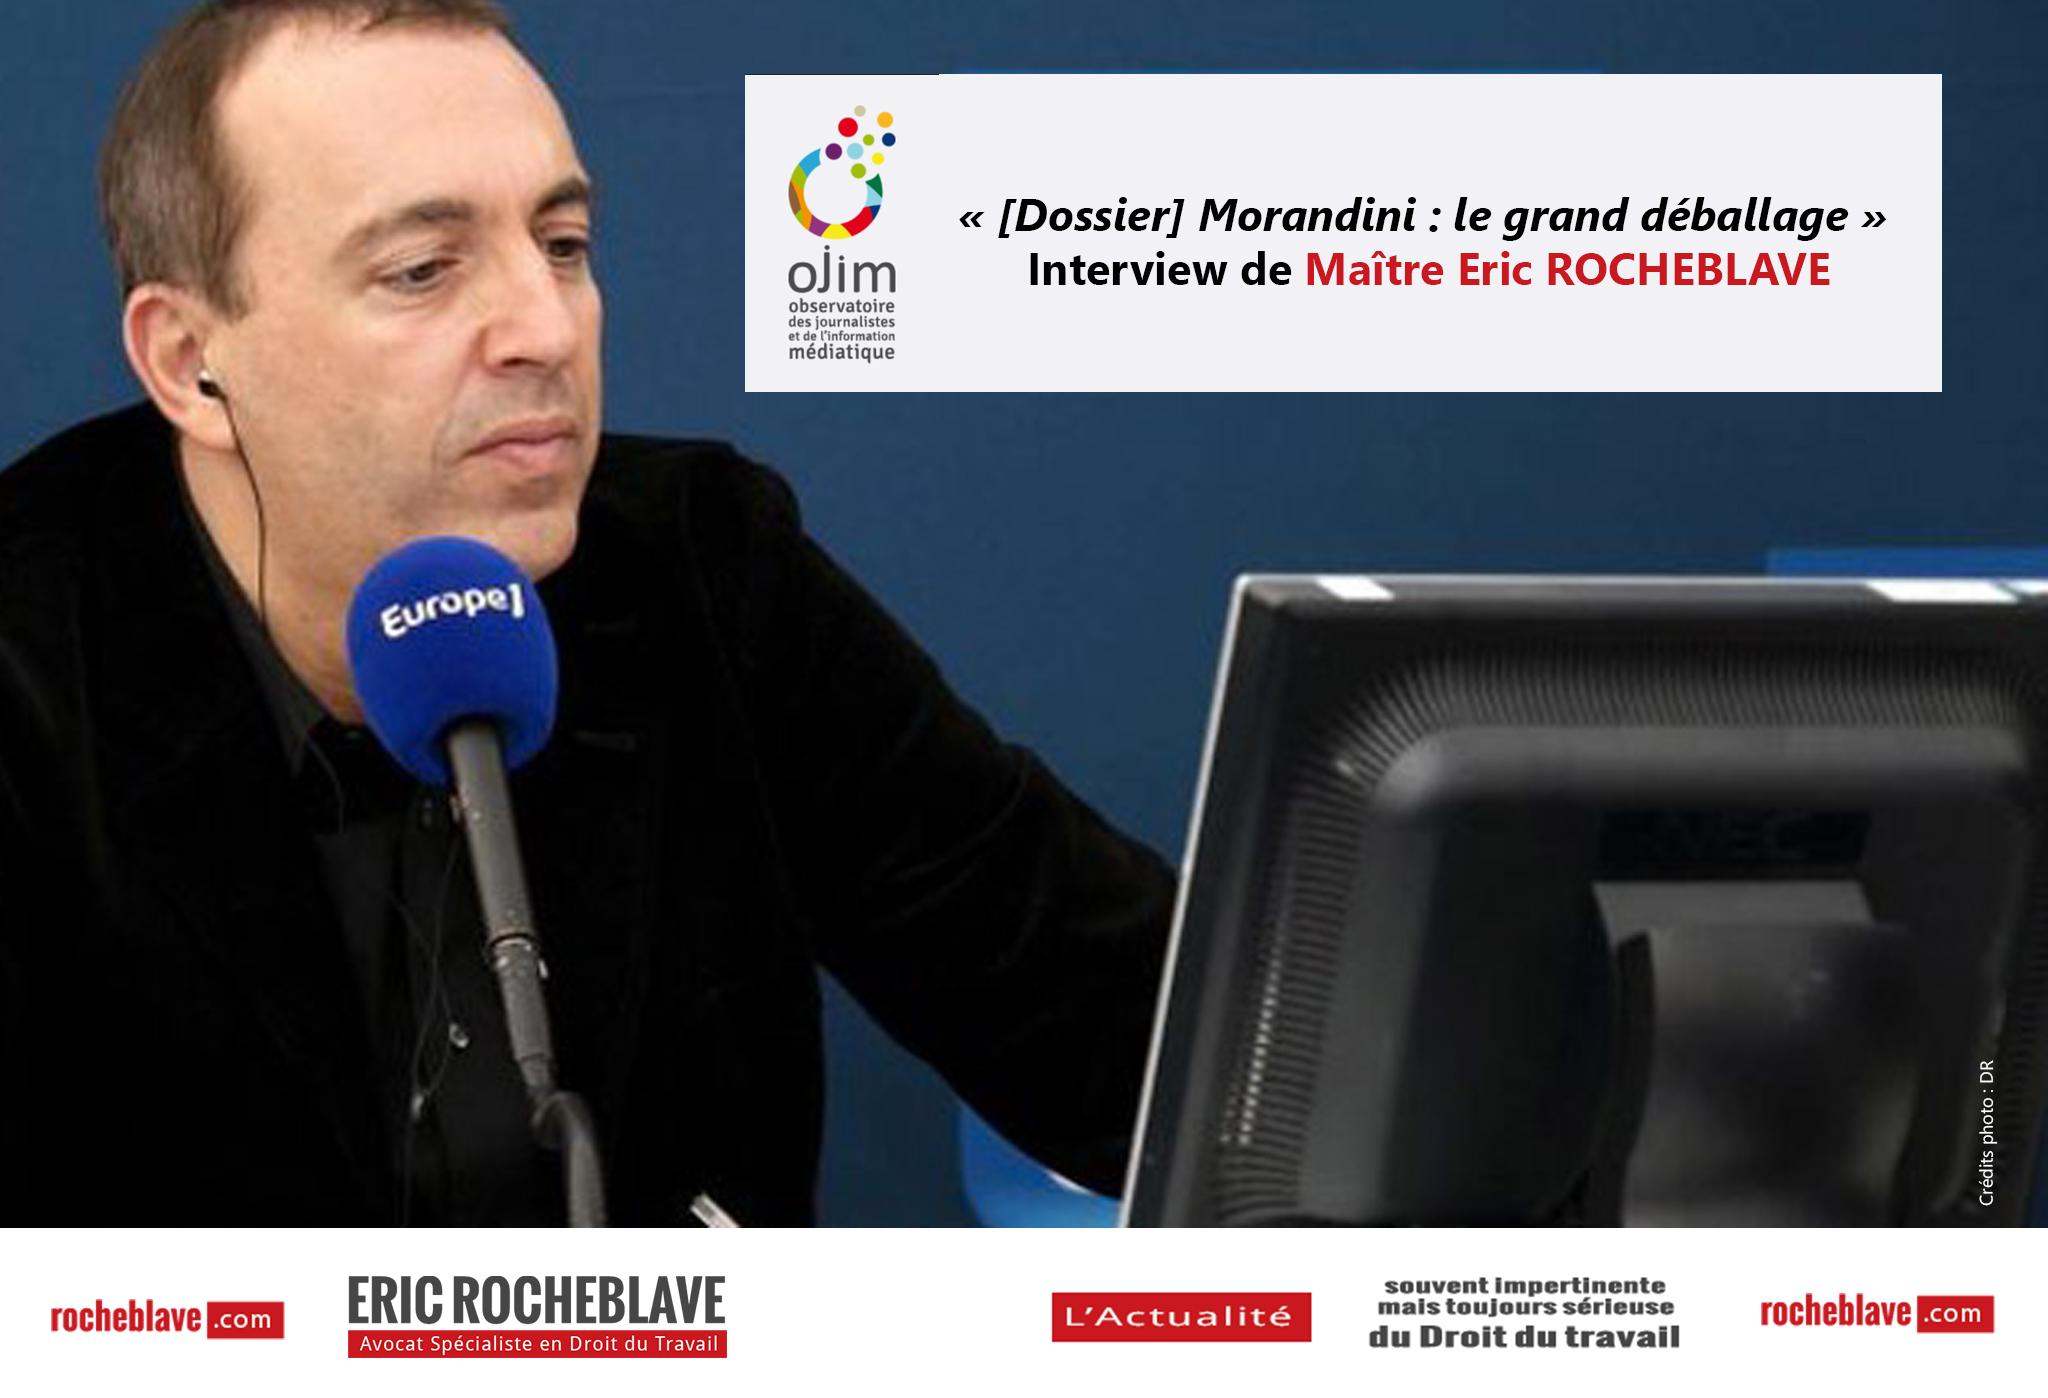 « [Dossier] Morandini : le grand déballage » Interview de Maître Eric ROCHEBLAVE | Ojim